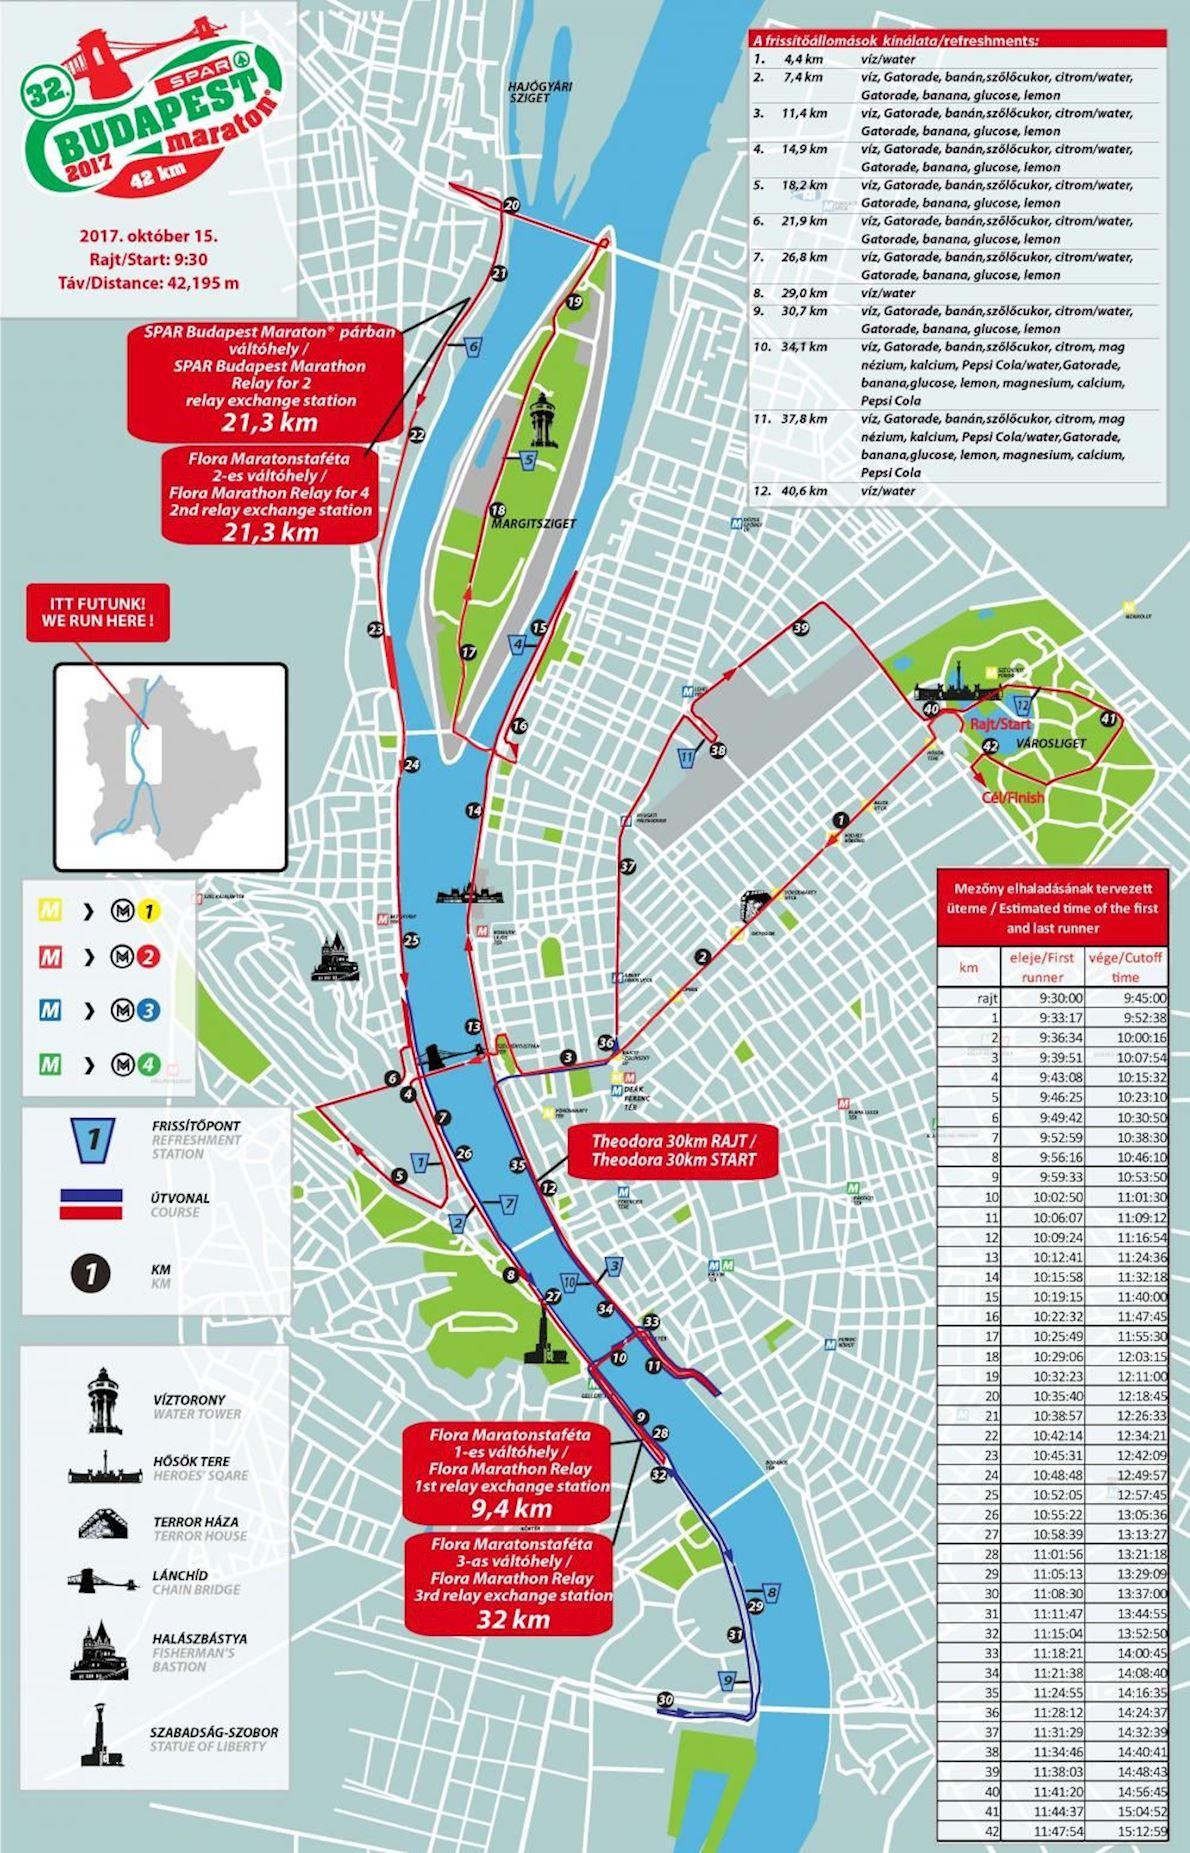 SPAR Budapest Marathon Route Map